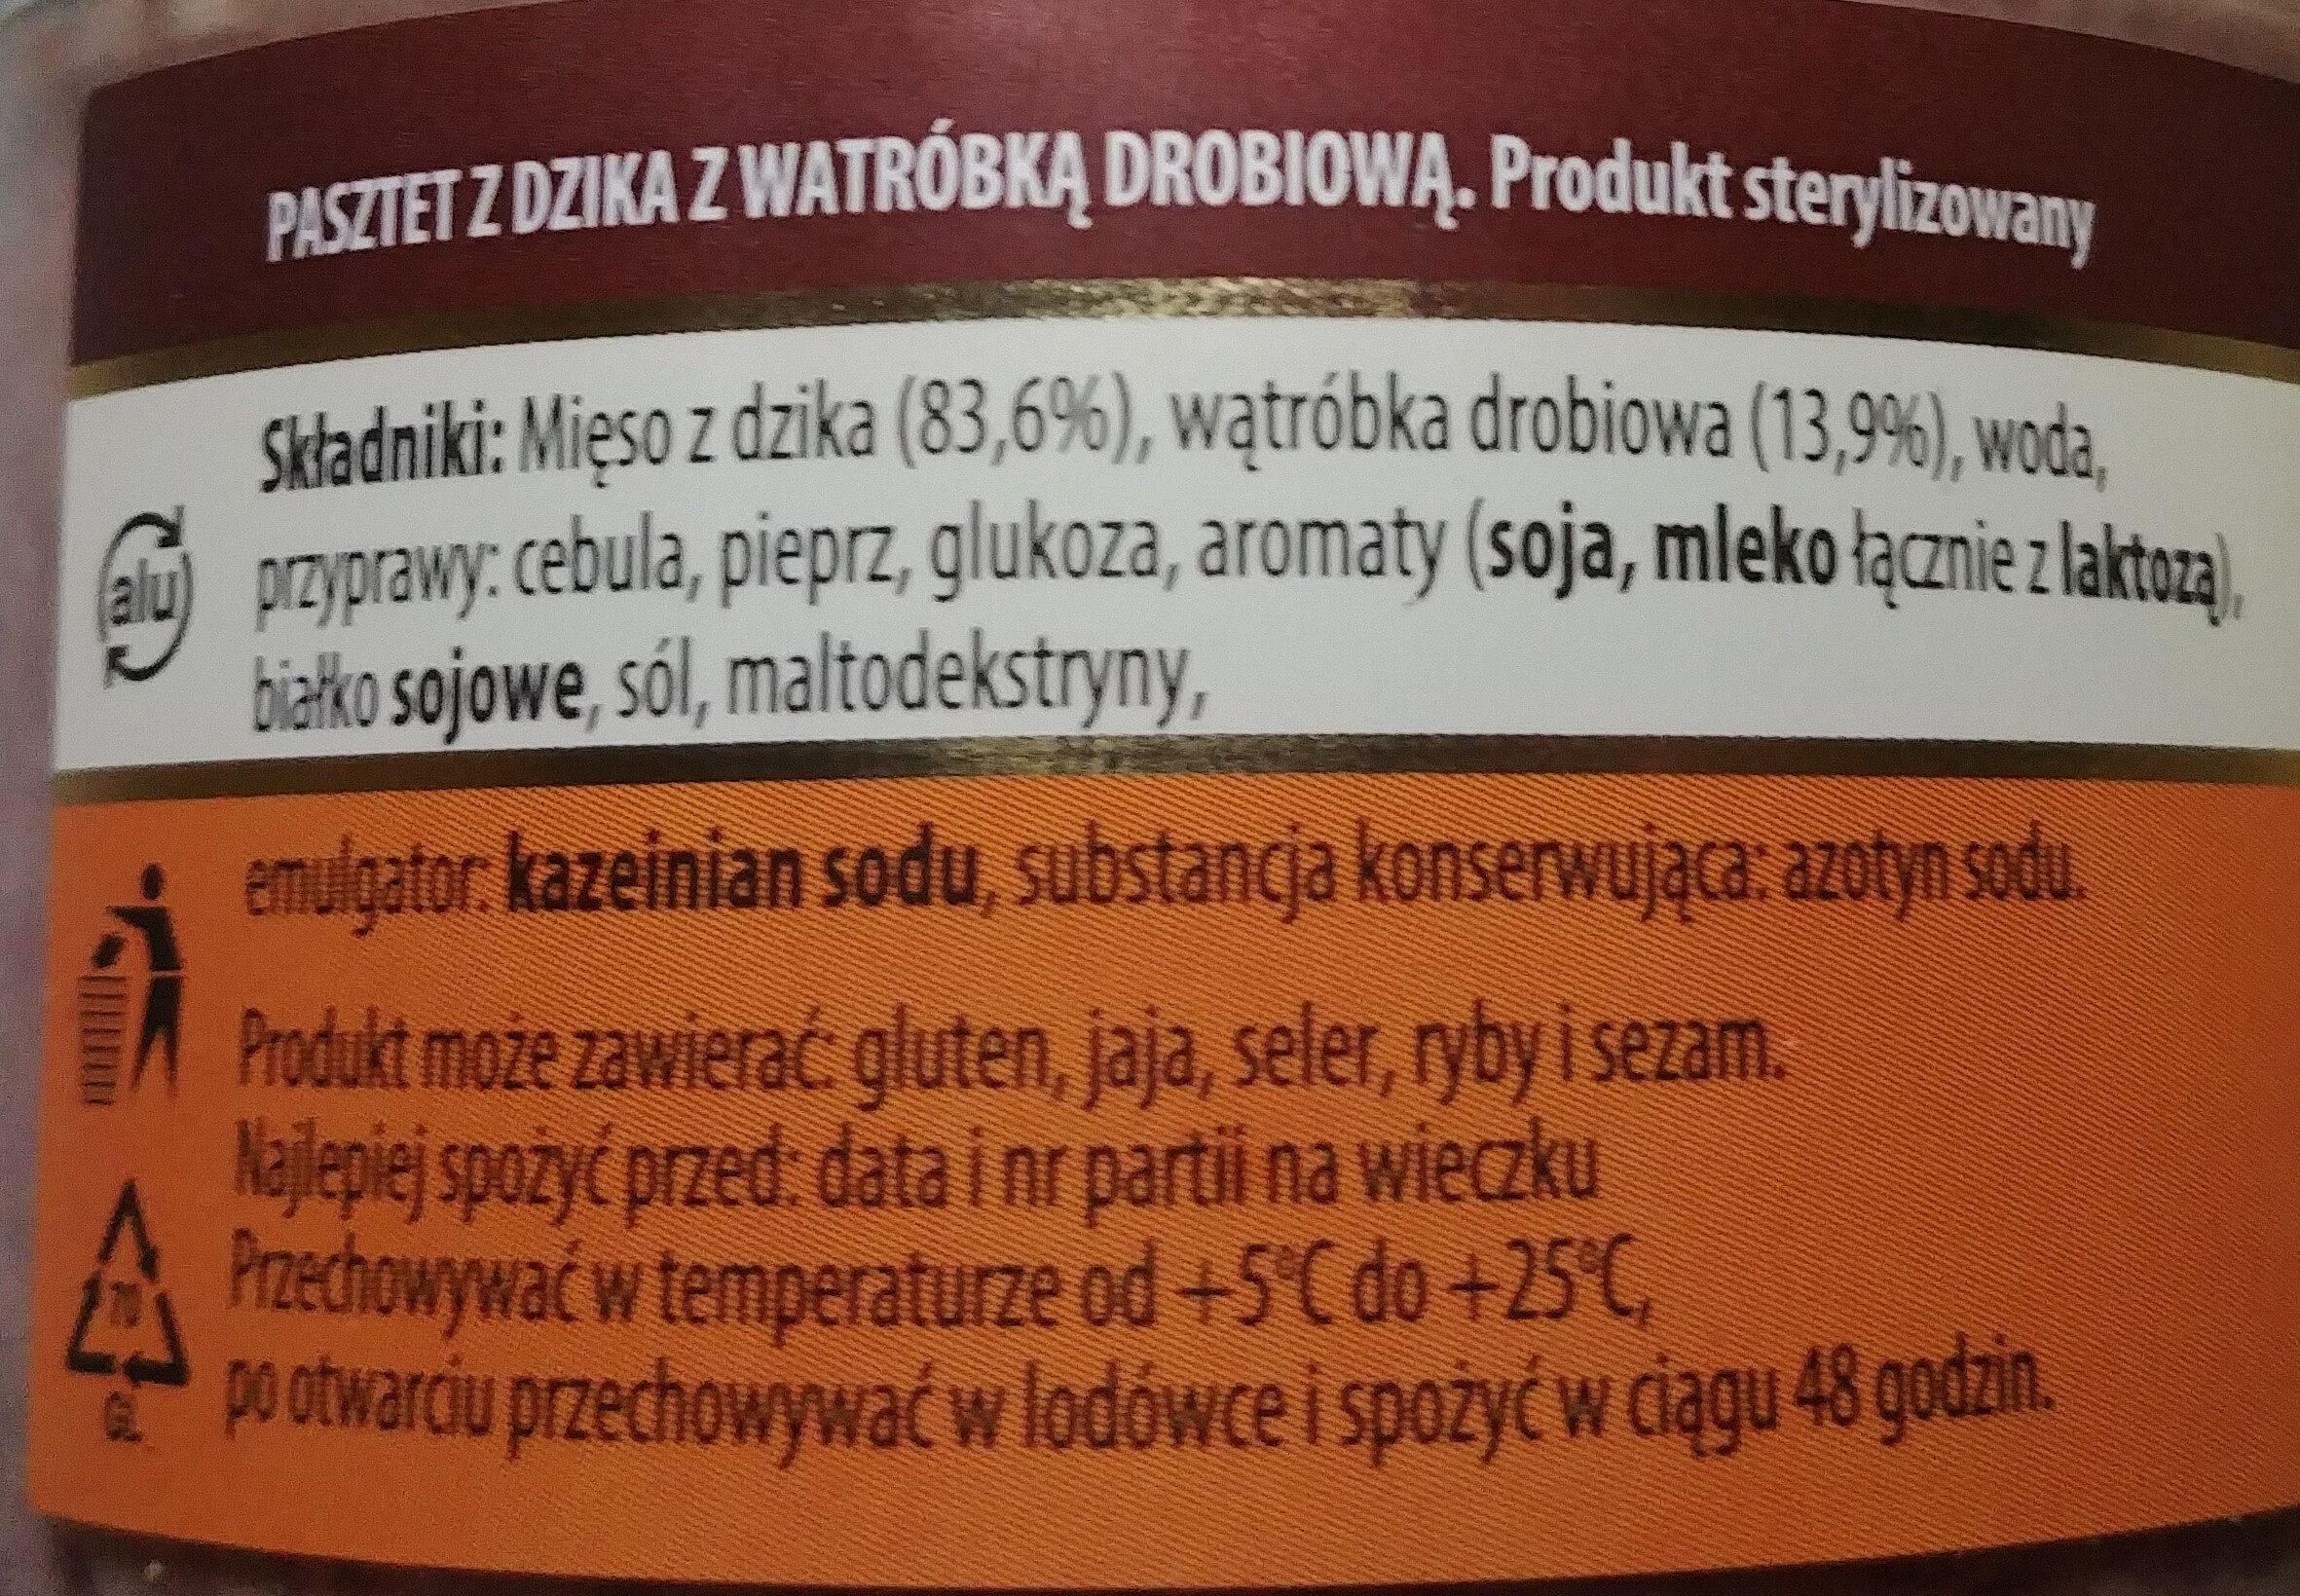 Pasztet z dzika z wątróbką drobiową - Składniki - pl